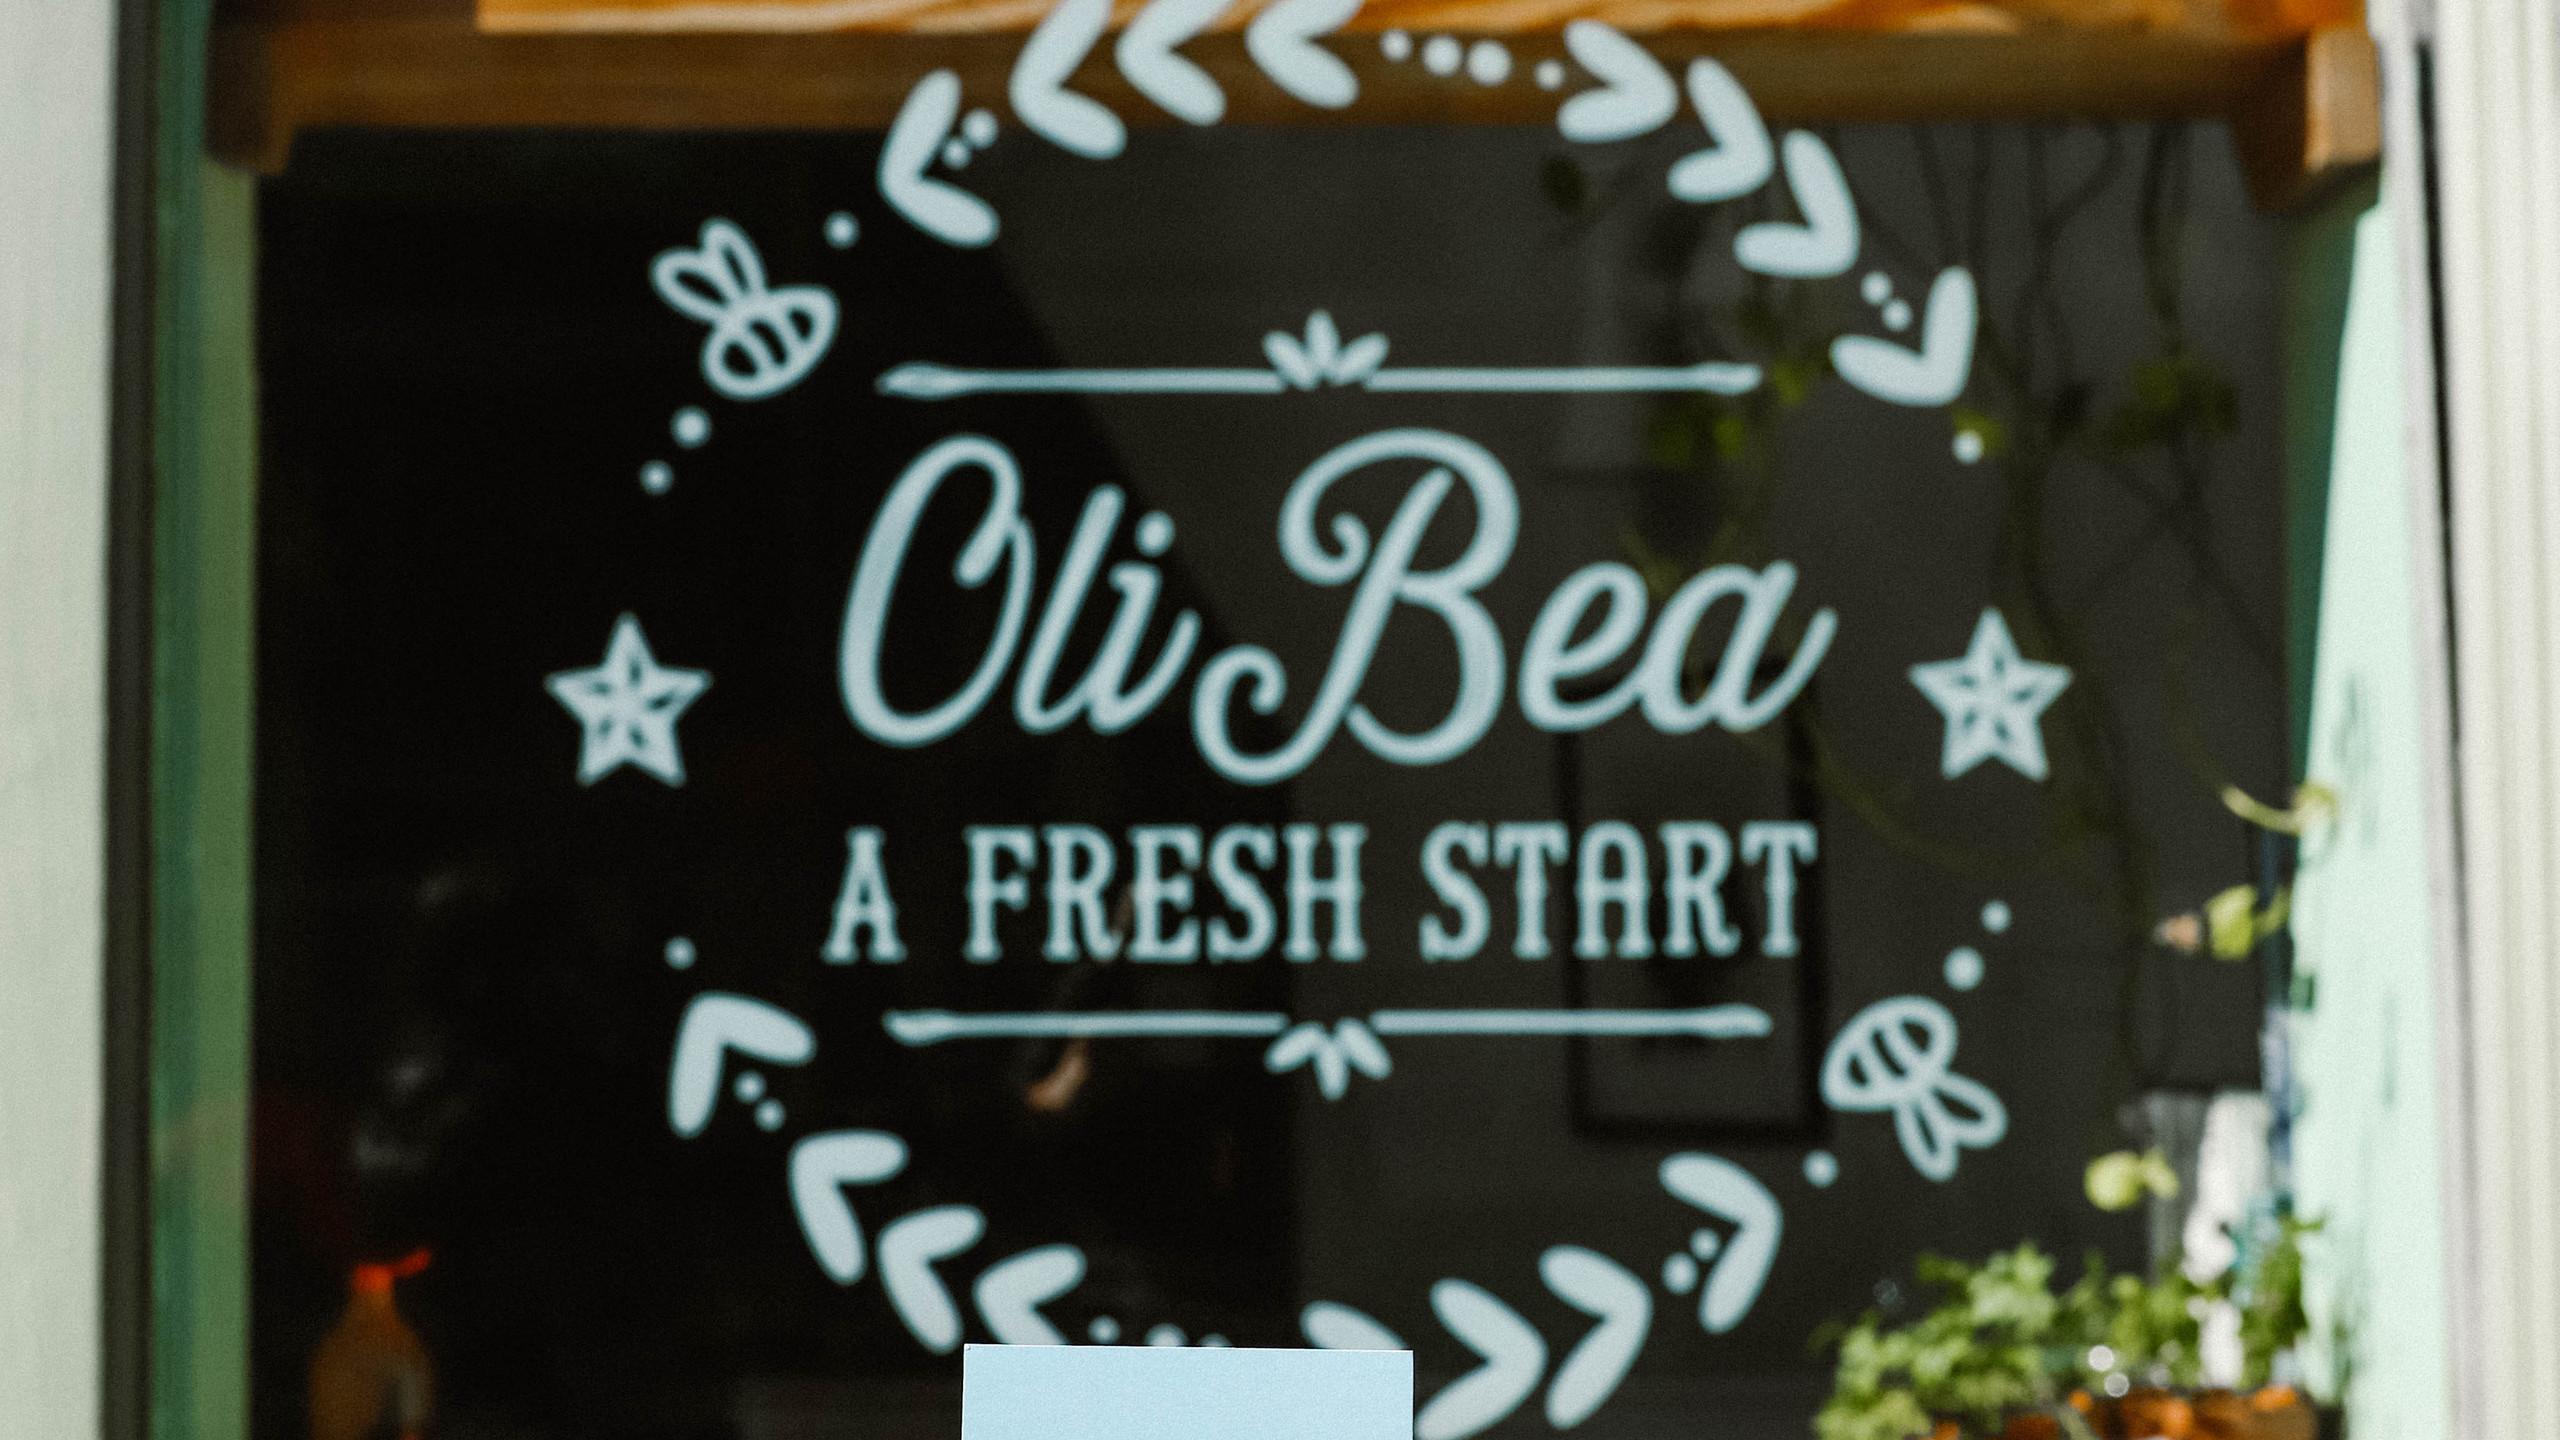 Oli Bea's